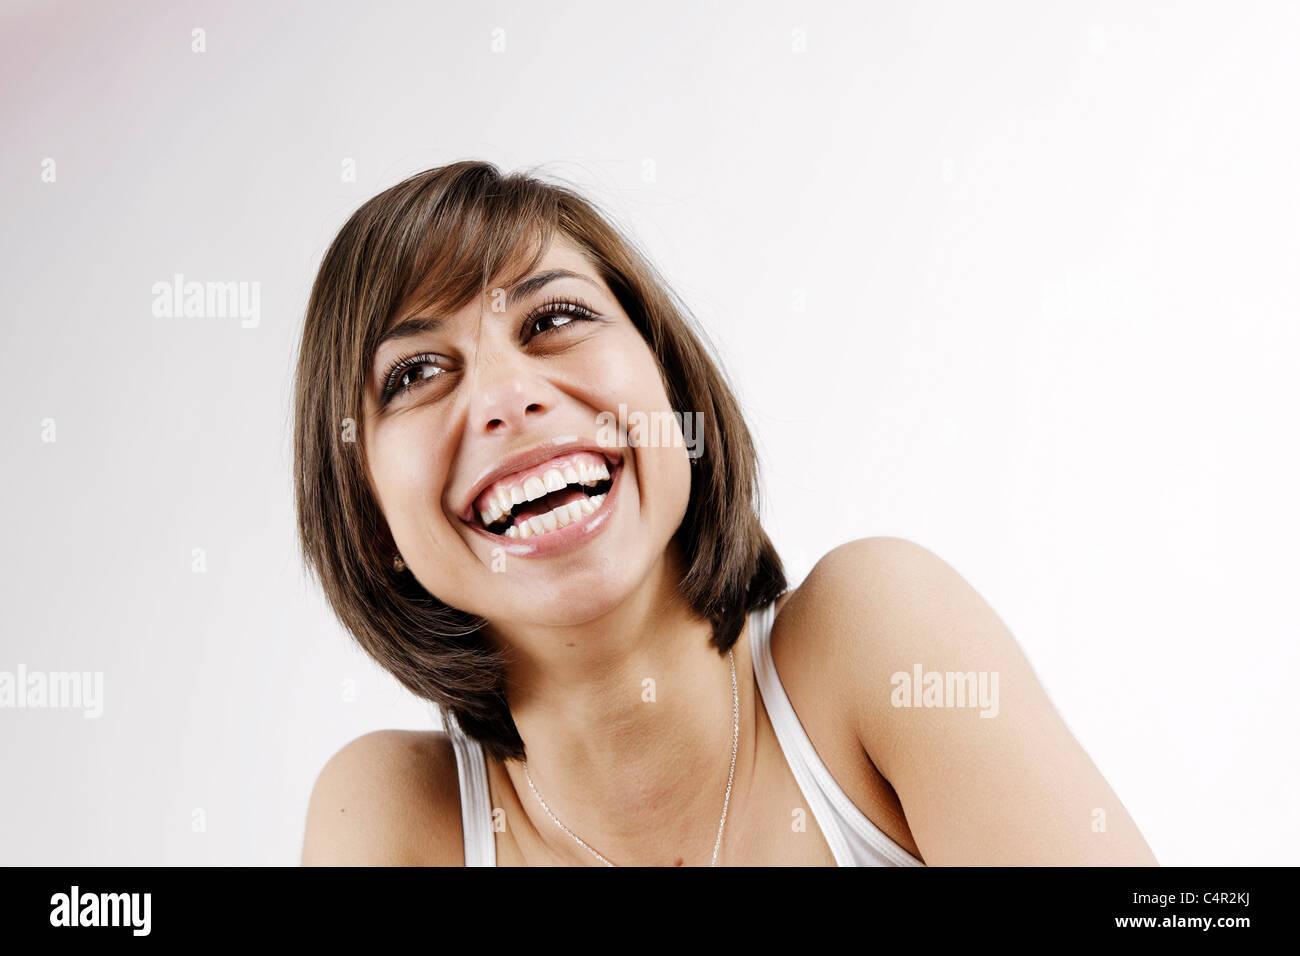 Joven morenita mujer, 25 años, riendo, divirtiéndose, lleno de alegría, Frau Junge, 25, lacht braunhaarig, lachend, Spaß, Freude Foto de stock